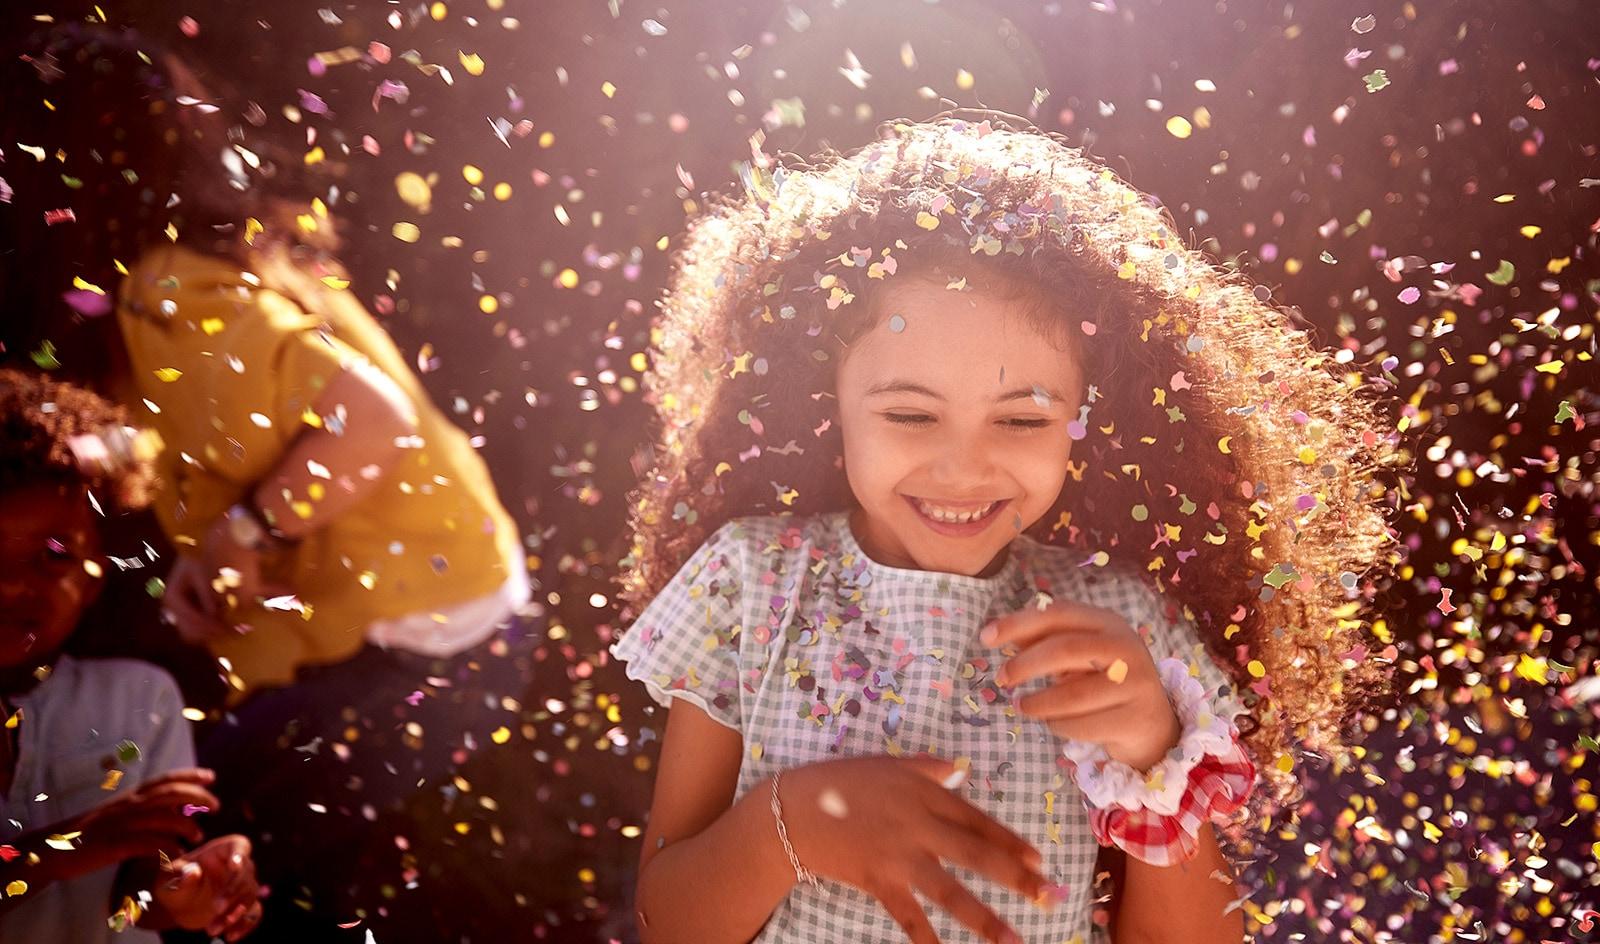 Ta zavihek opisuje kakovost zvoka. To je slika deklice, ki se briljantno nasmehne, ko praznuje.